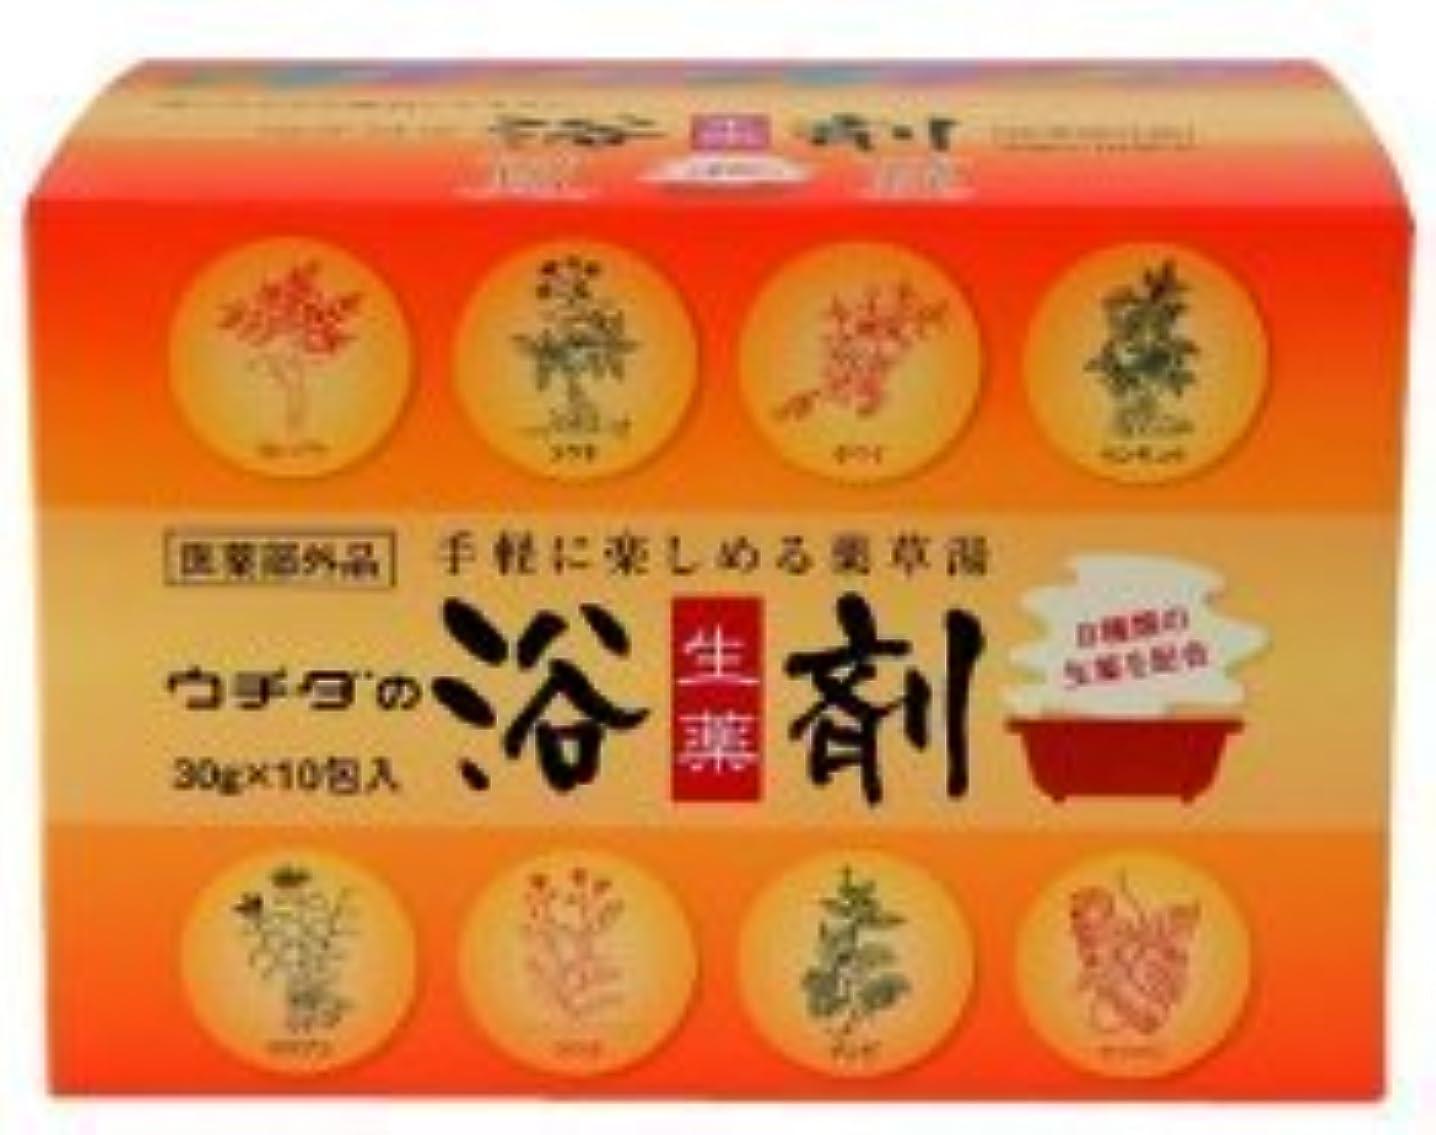 ではごきげんよう花瓶〔ウチダ和漢薬〕ウチダの浴剤(30g×10包入)×2個セット+1包おまけ